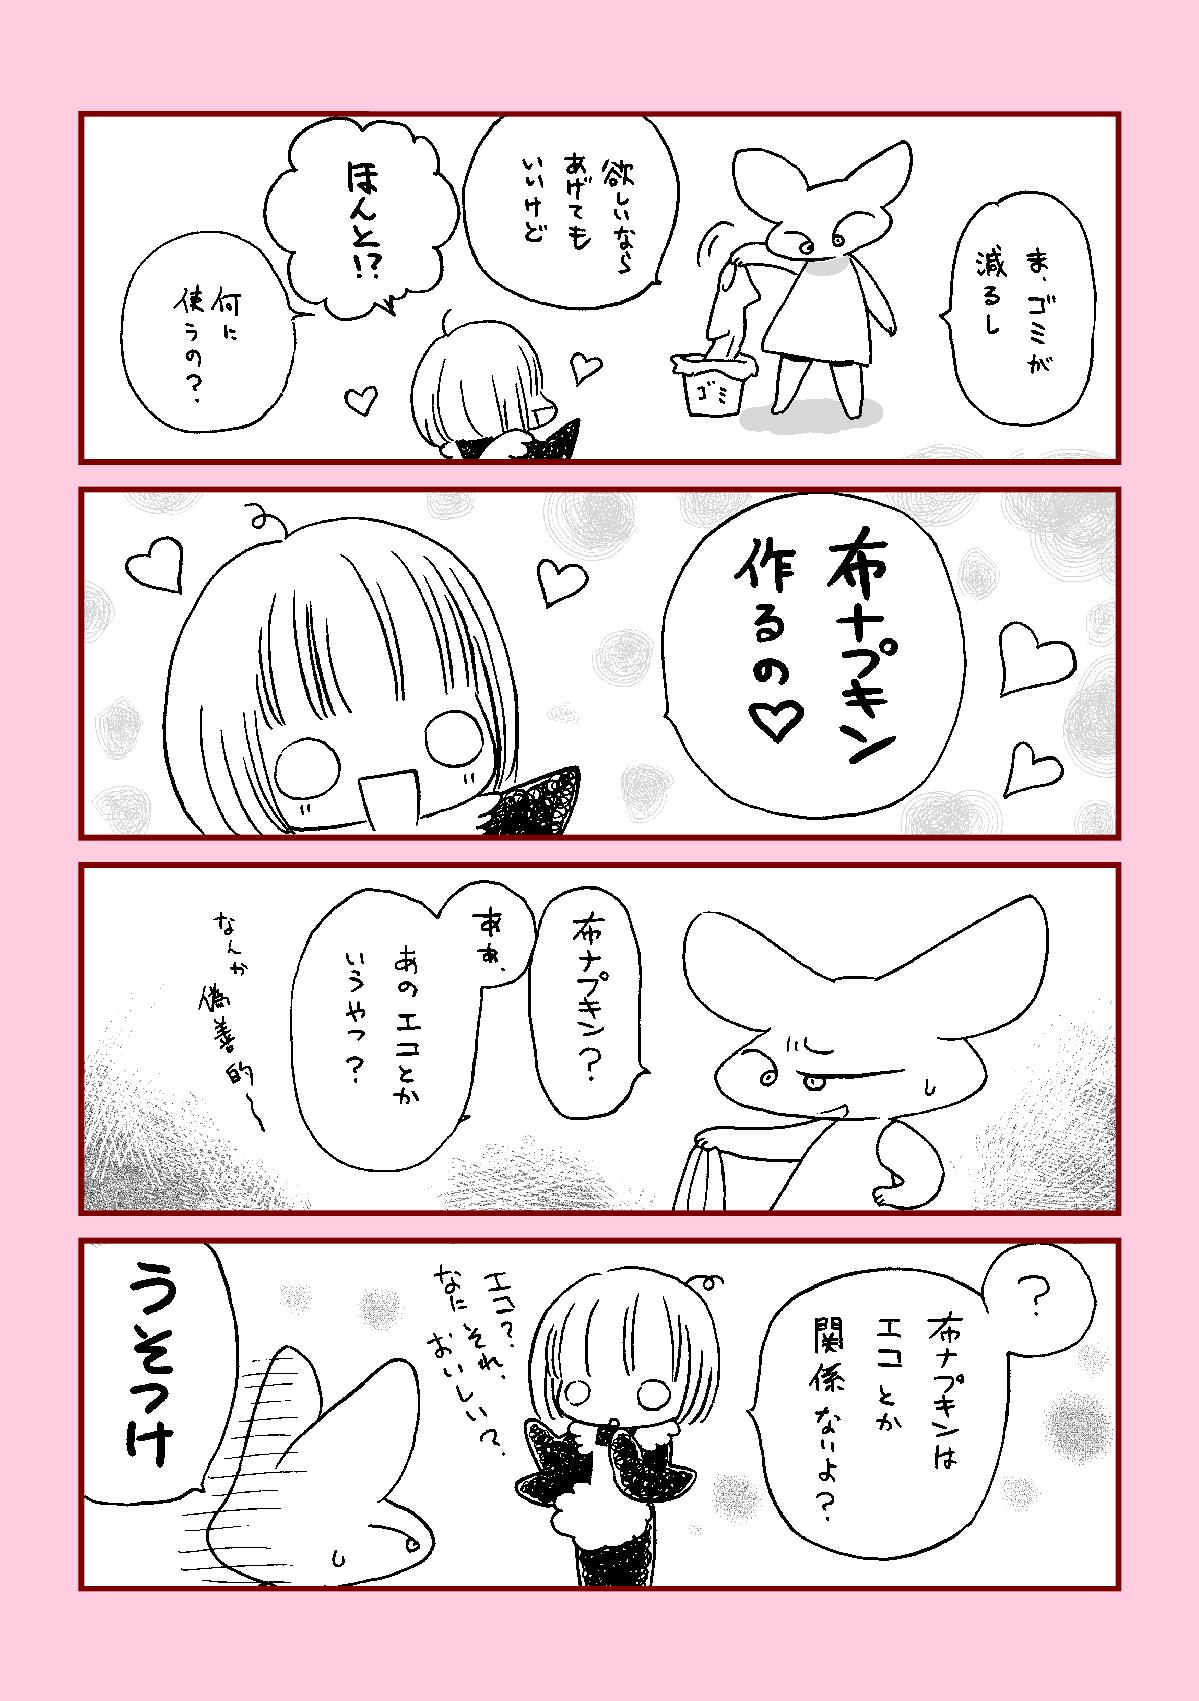 ナプキン 漫画 買ったナプキンはTバック用!ピンチは続く…【生理を隠し続けた ...